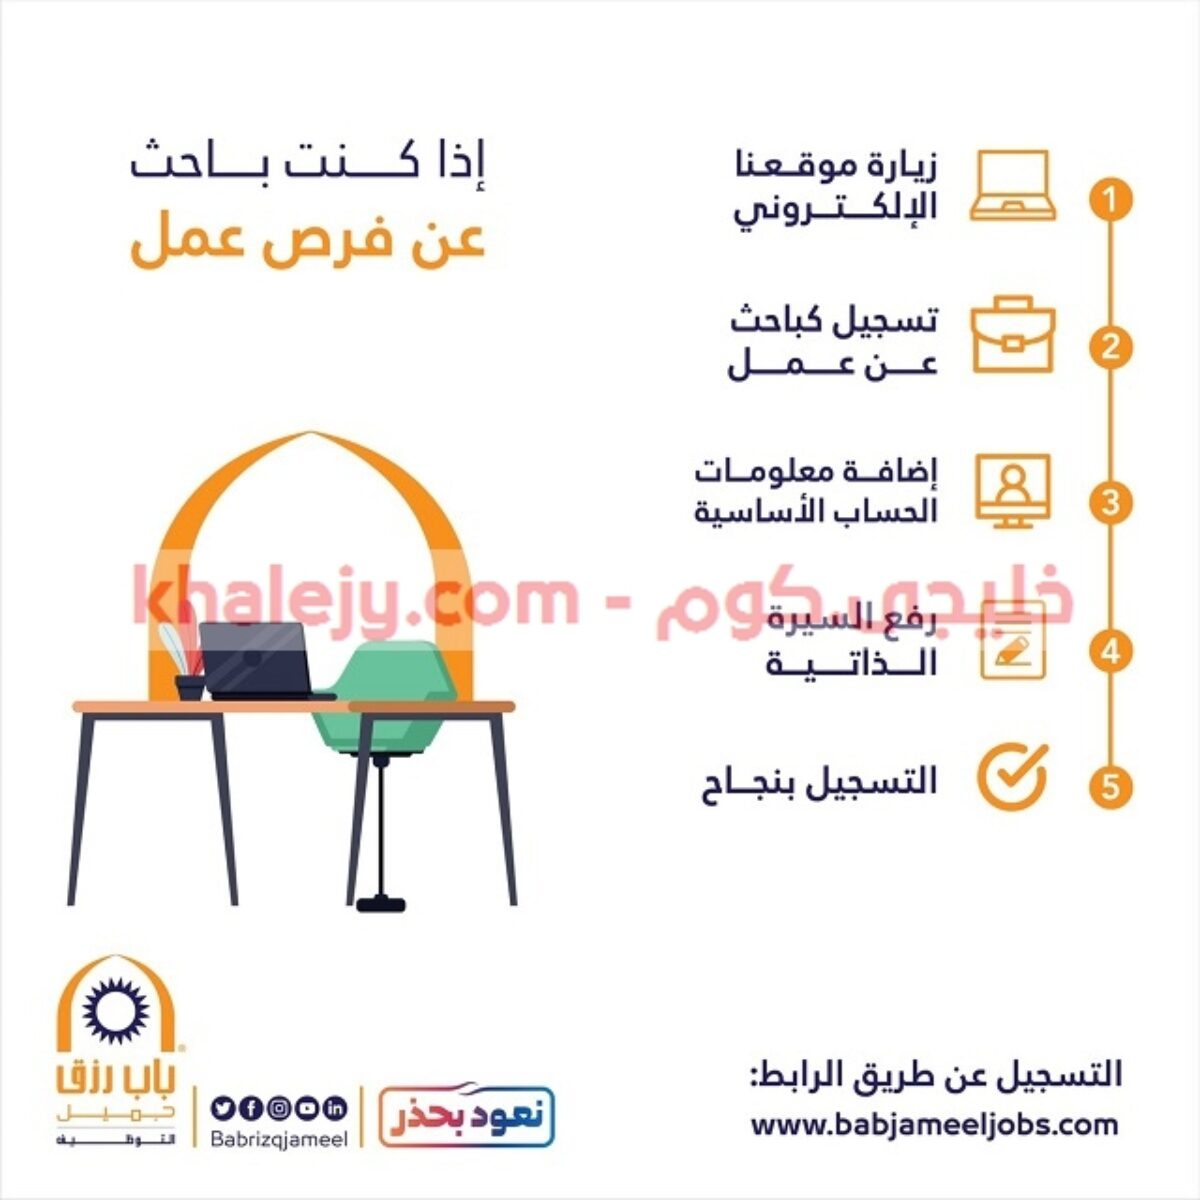 باب رزق جميل وظائف مكة والمدينة والطائف والخبر وبريدة 490 وظيفة خليجي كوم